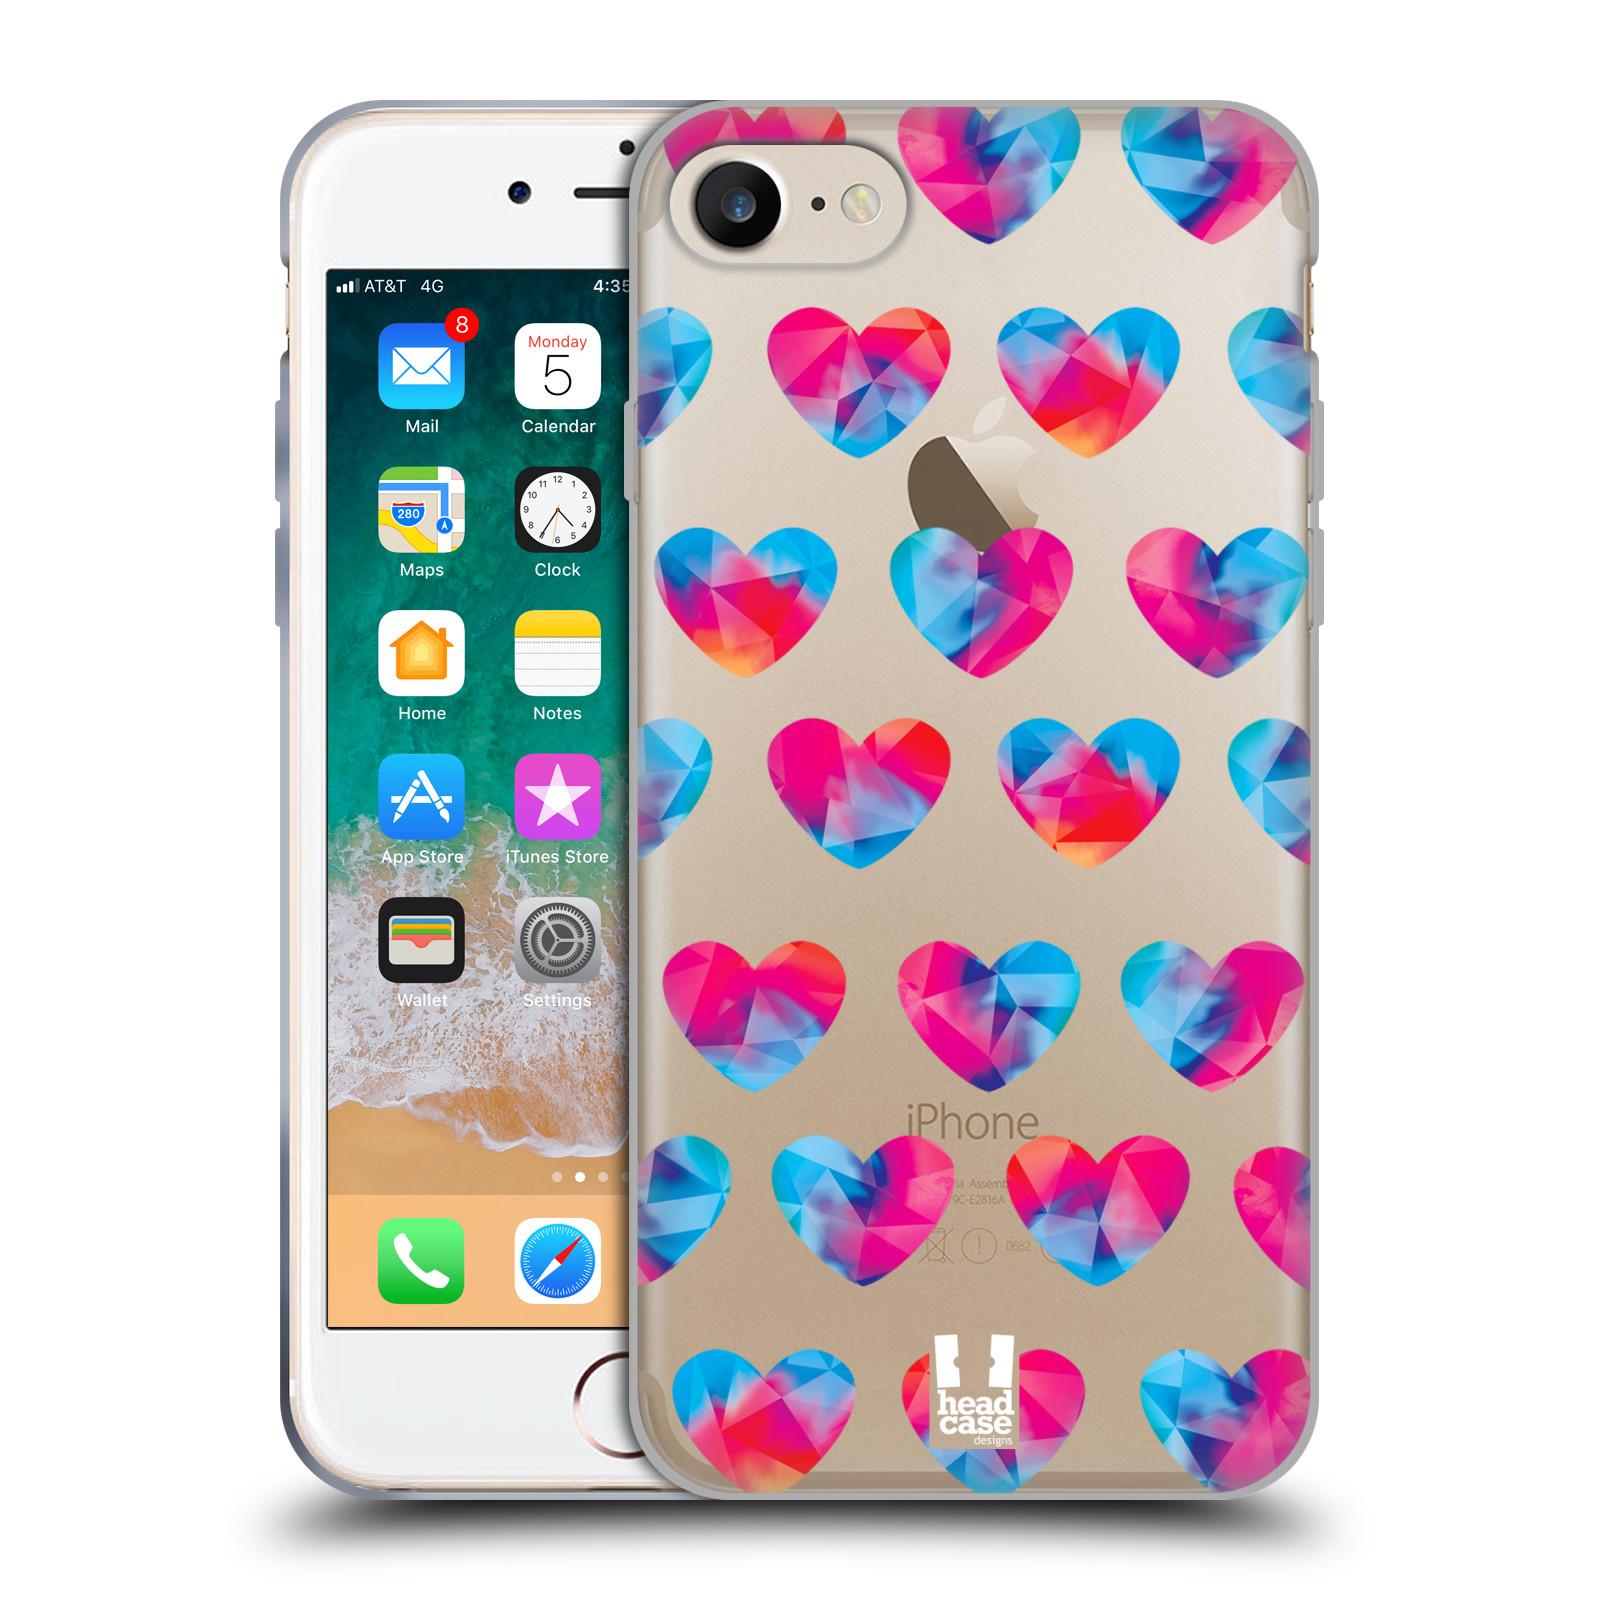 Silikonové pouzdro na mobil Apple iPhone 8 - Head Case - Srdíčka hrající barvami